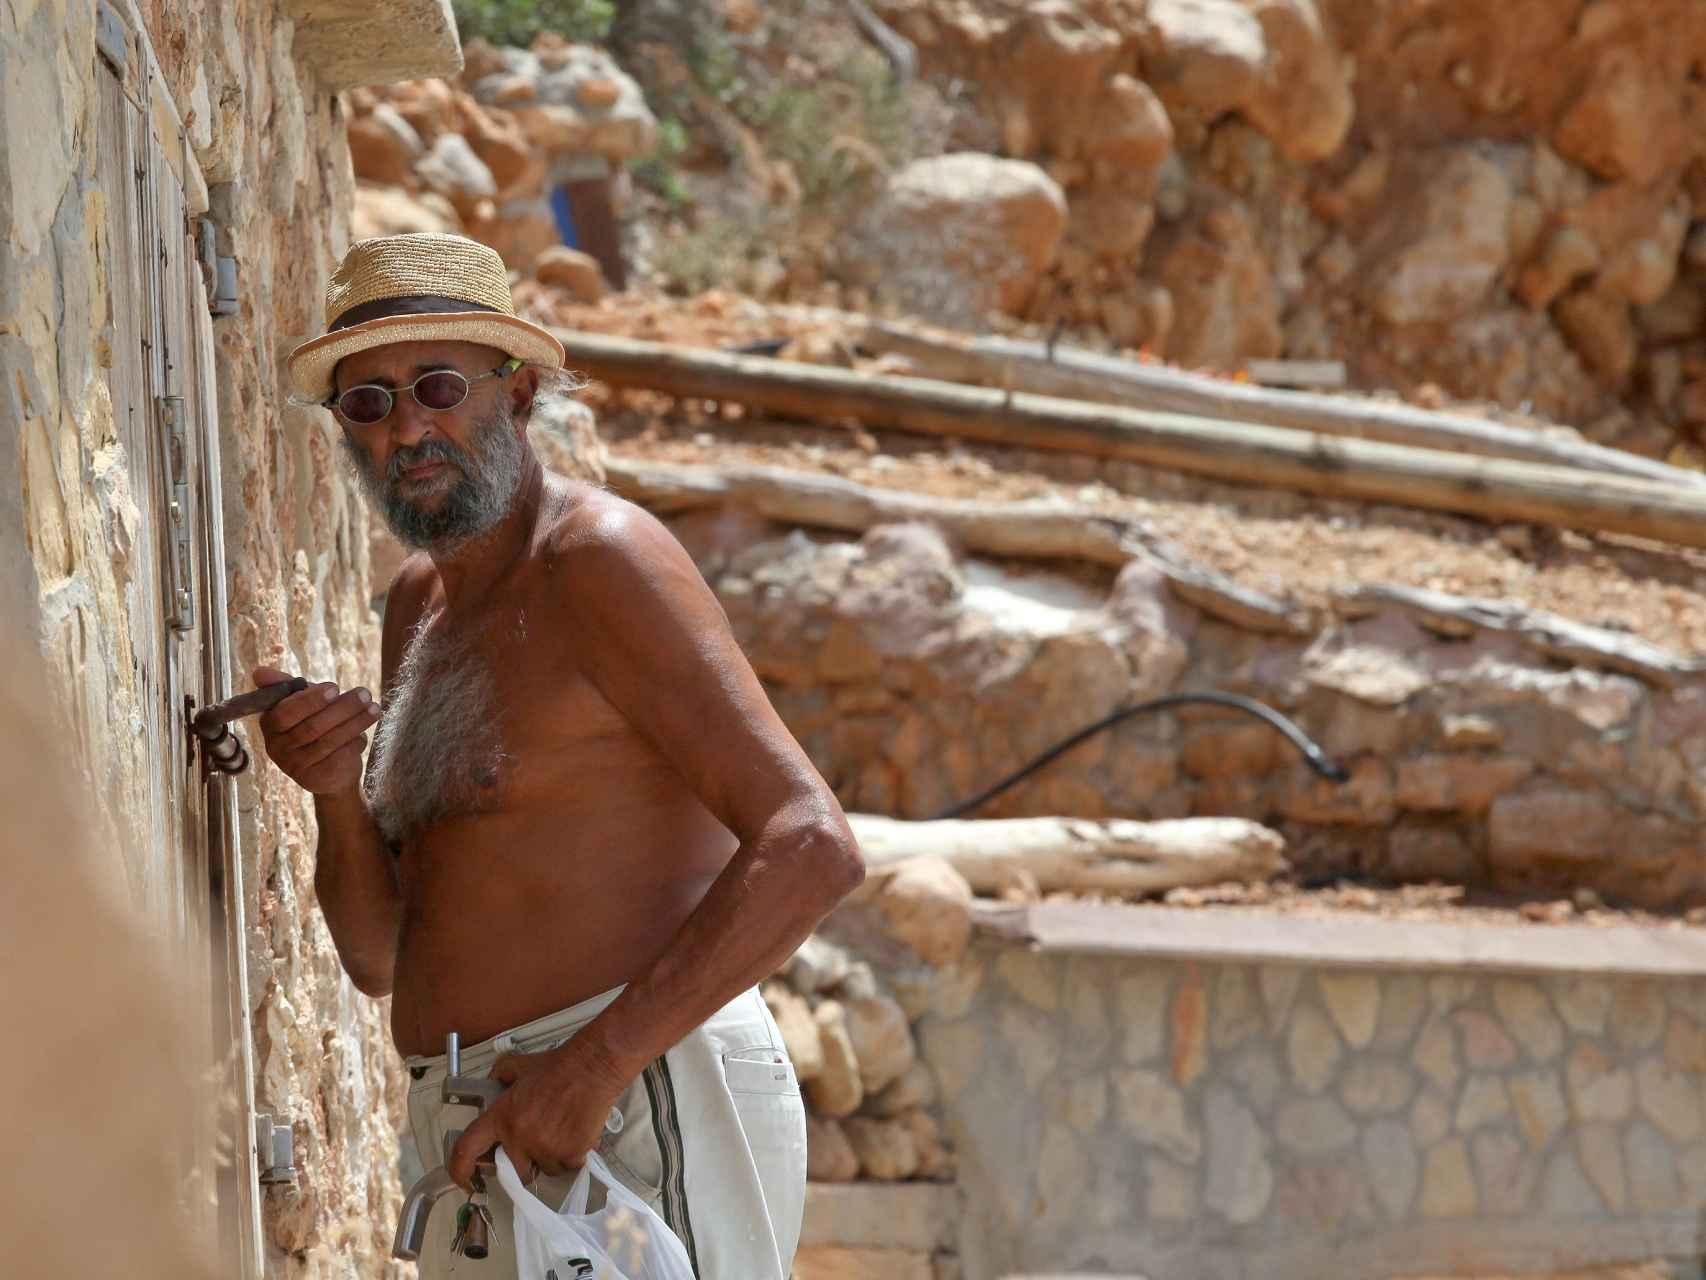 Miguel tiene 64 años y vive en una cueva ibicenca desde hace más de dos décadas.